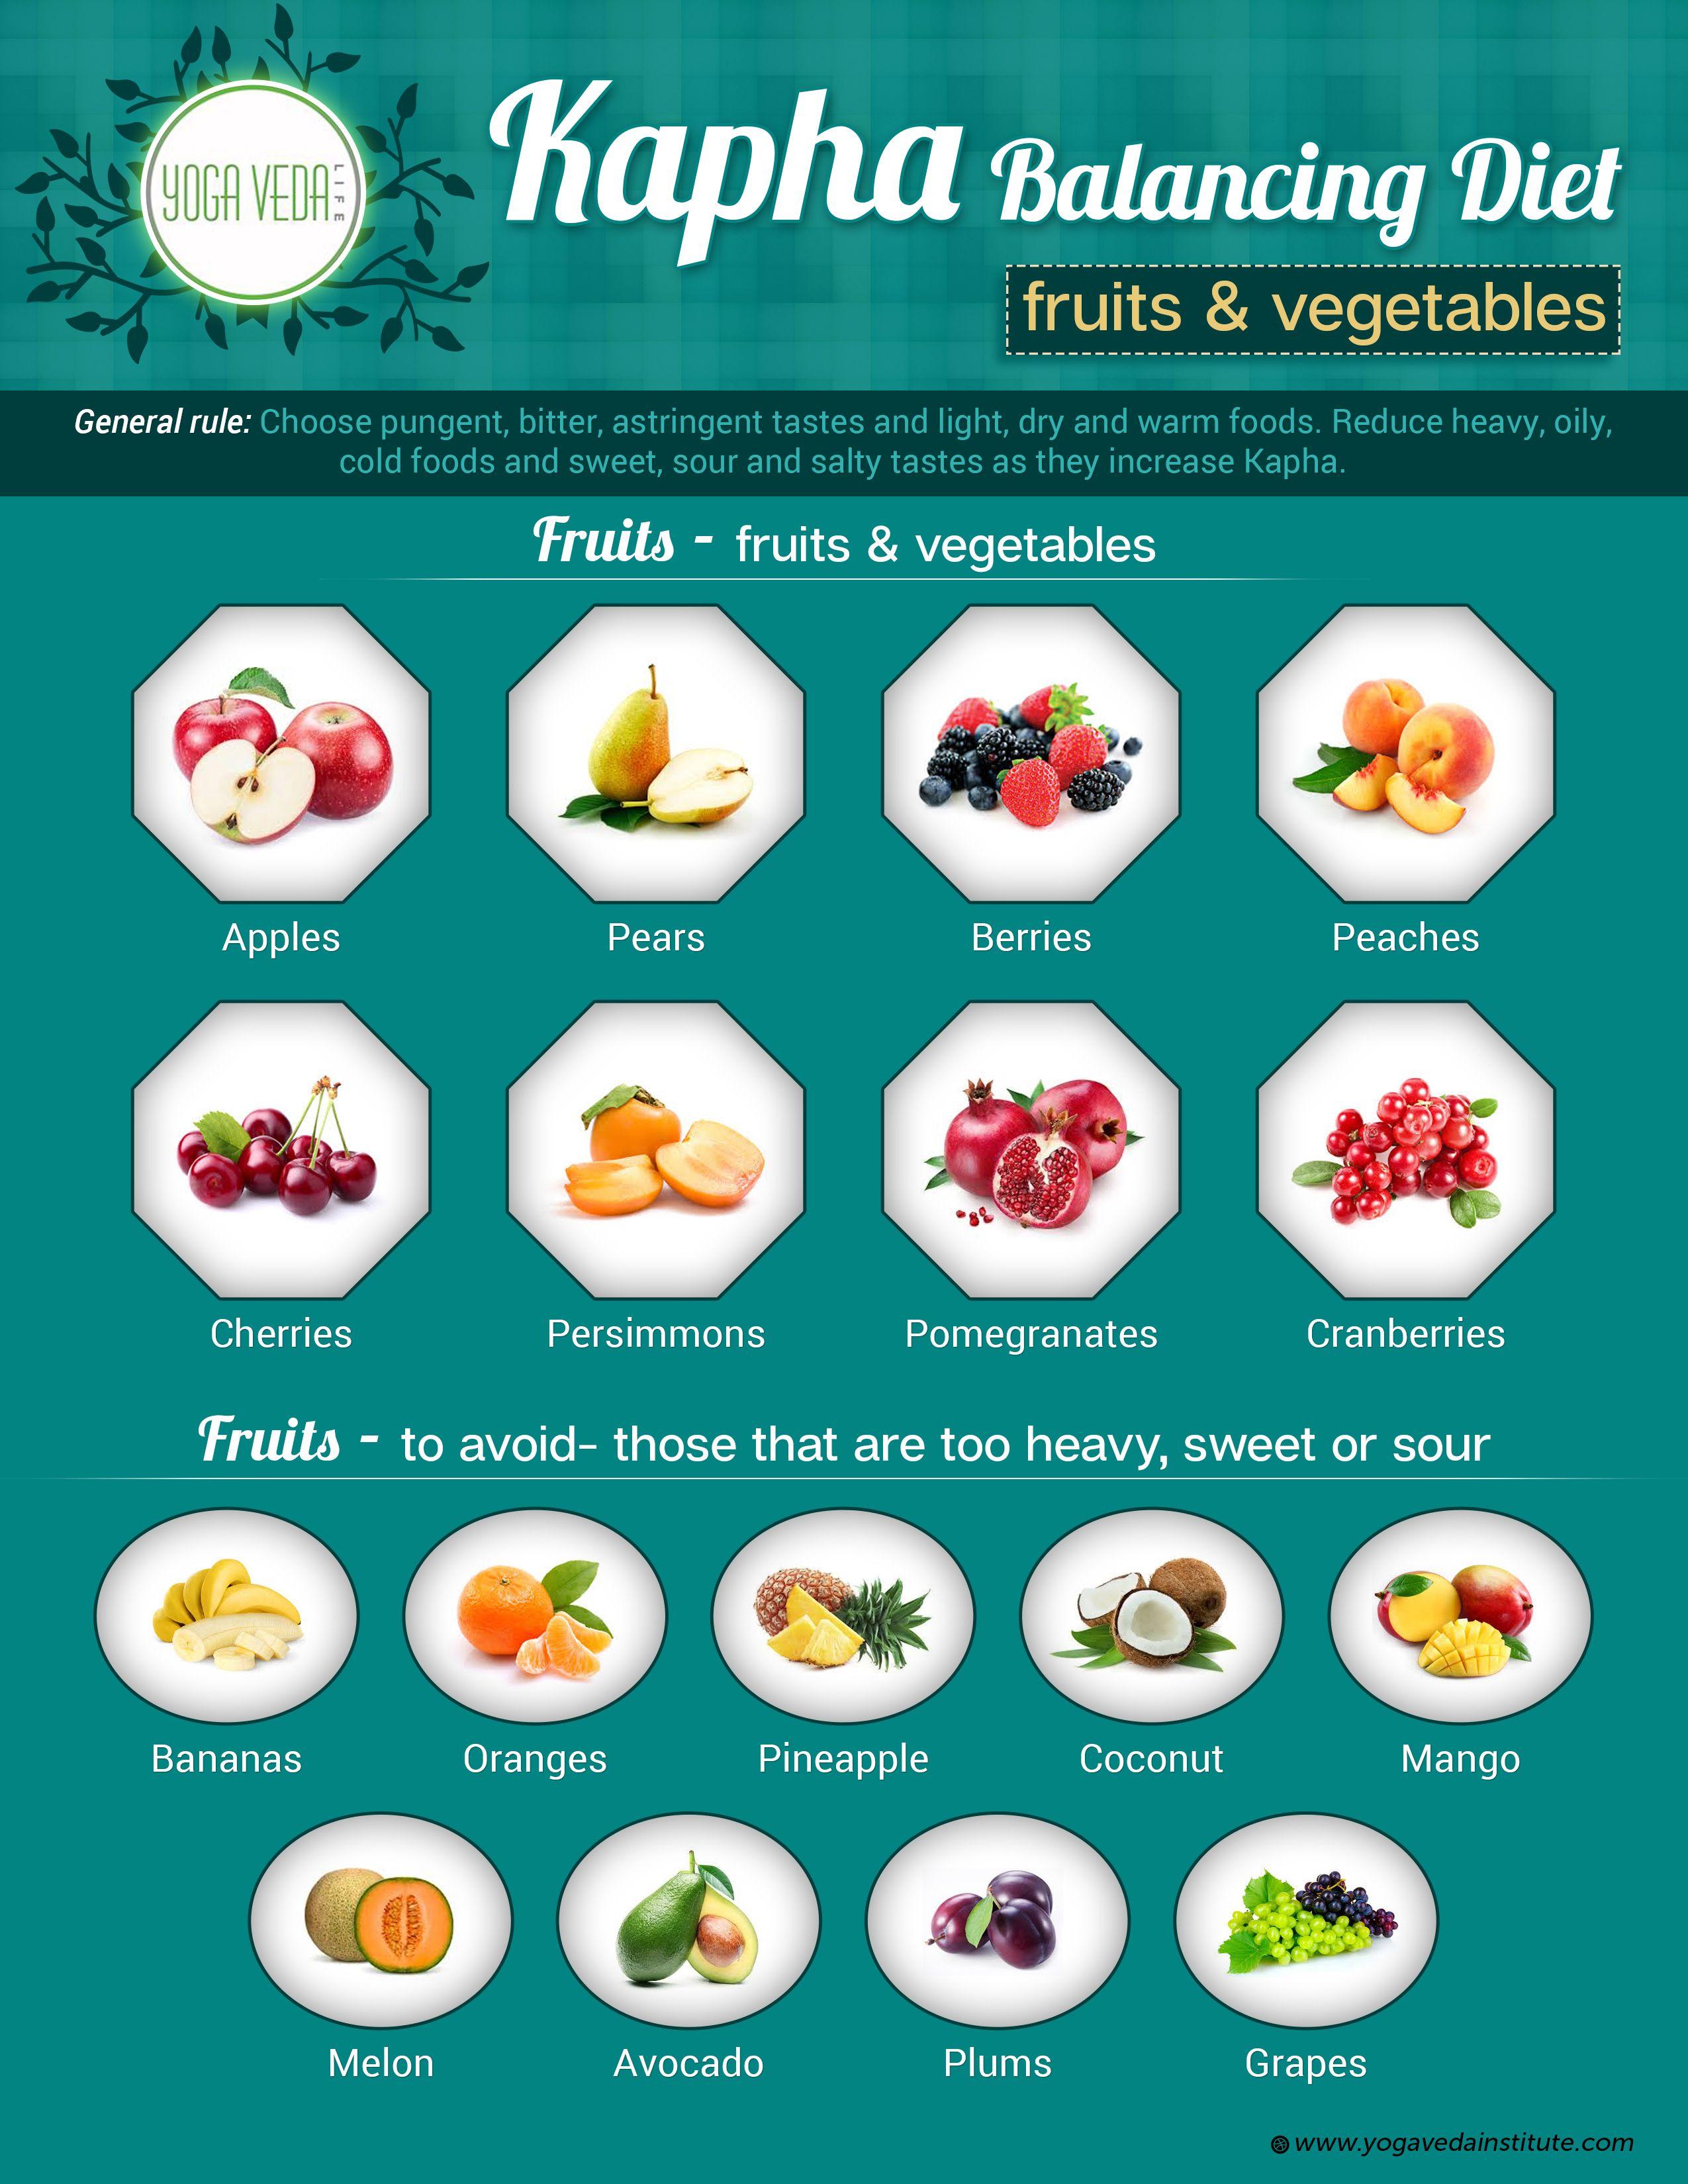 kapha balancing diet plan